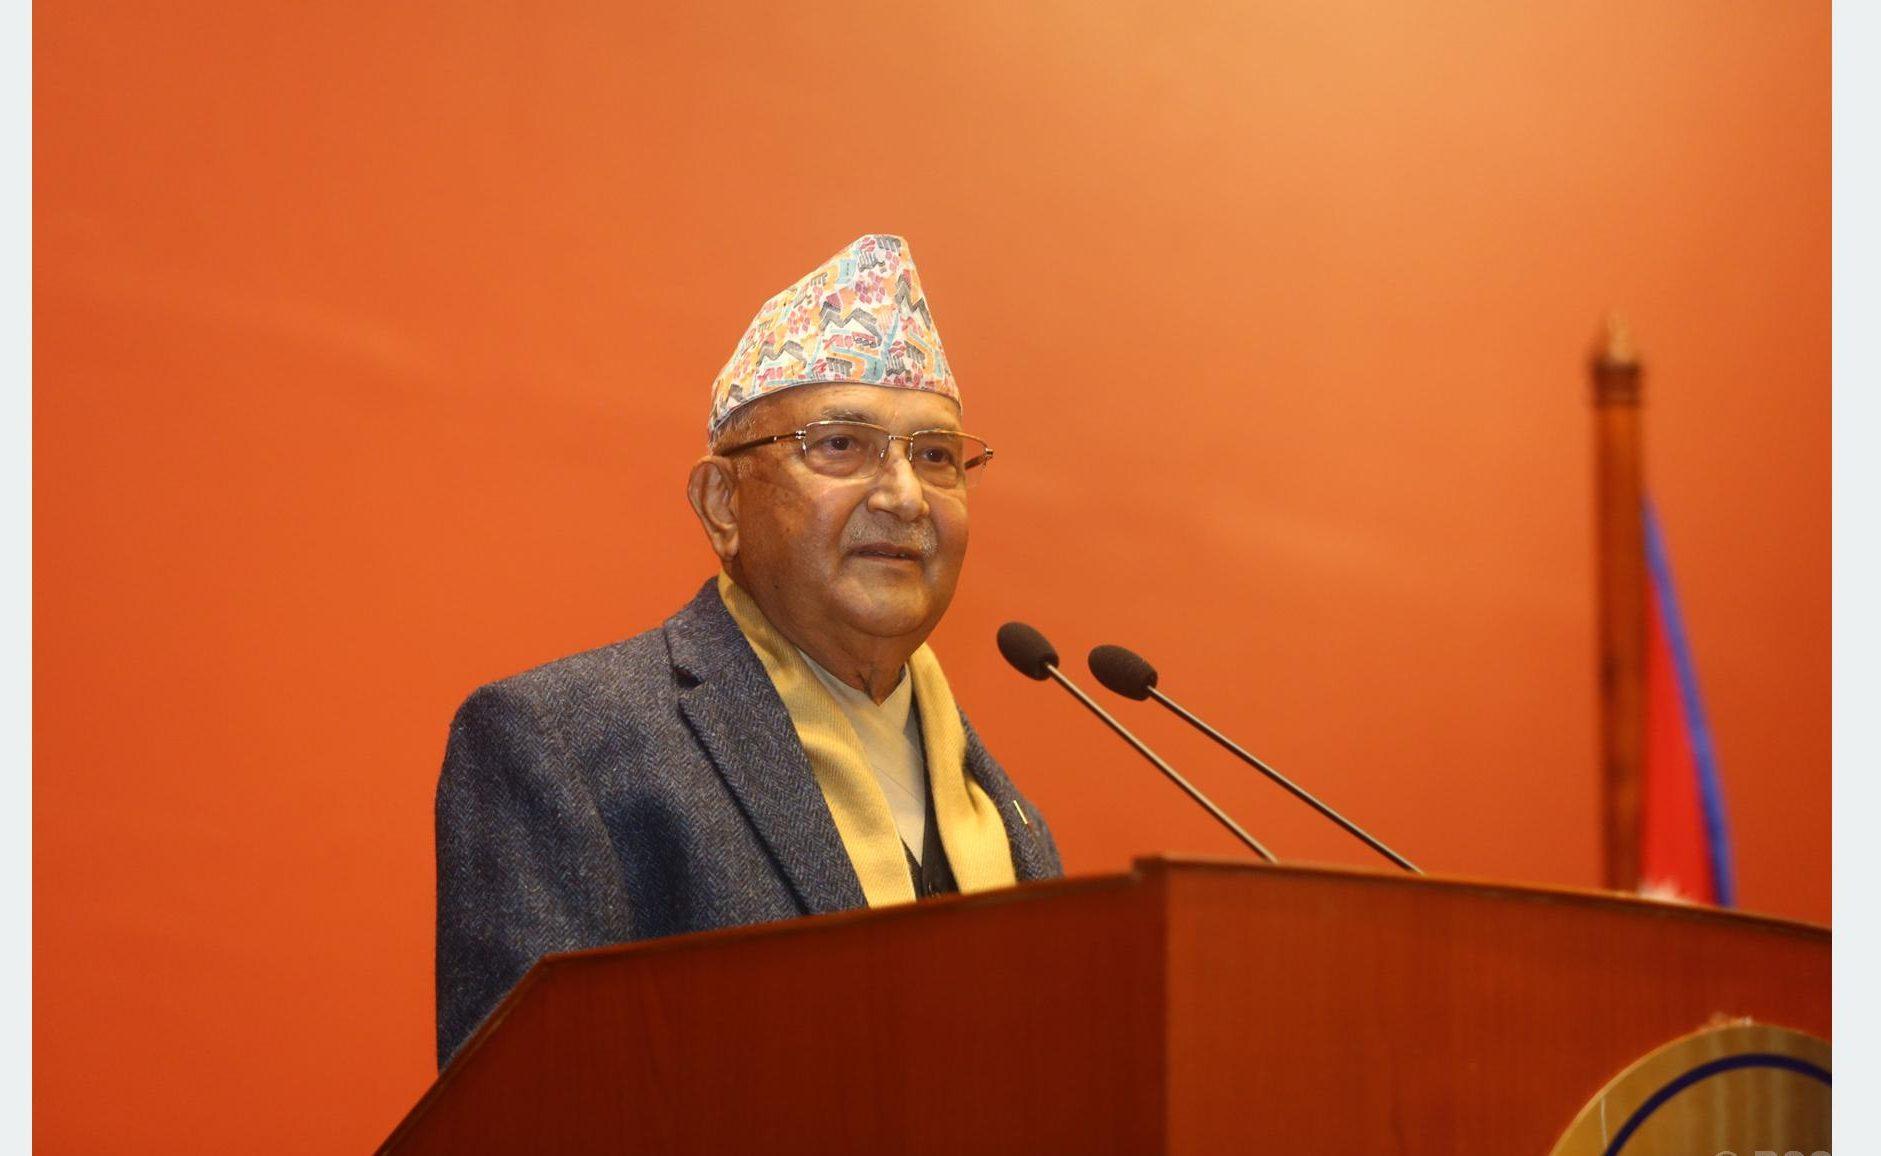 माधव नेपाललाई पार्टीमा ठाउँ छैन : अध्यक्ष ओली